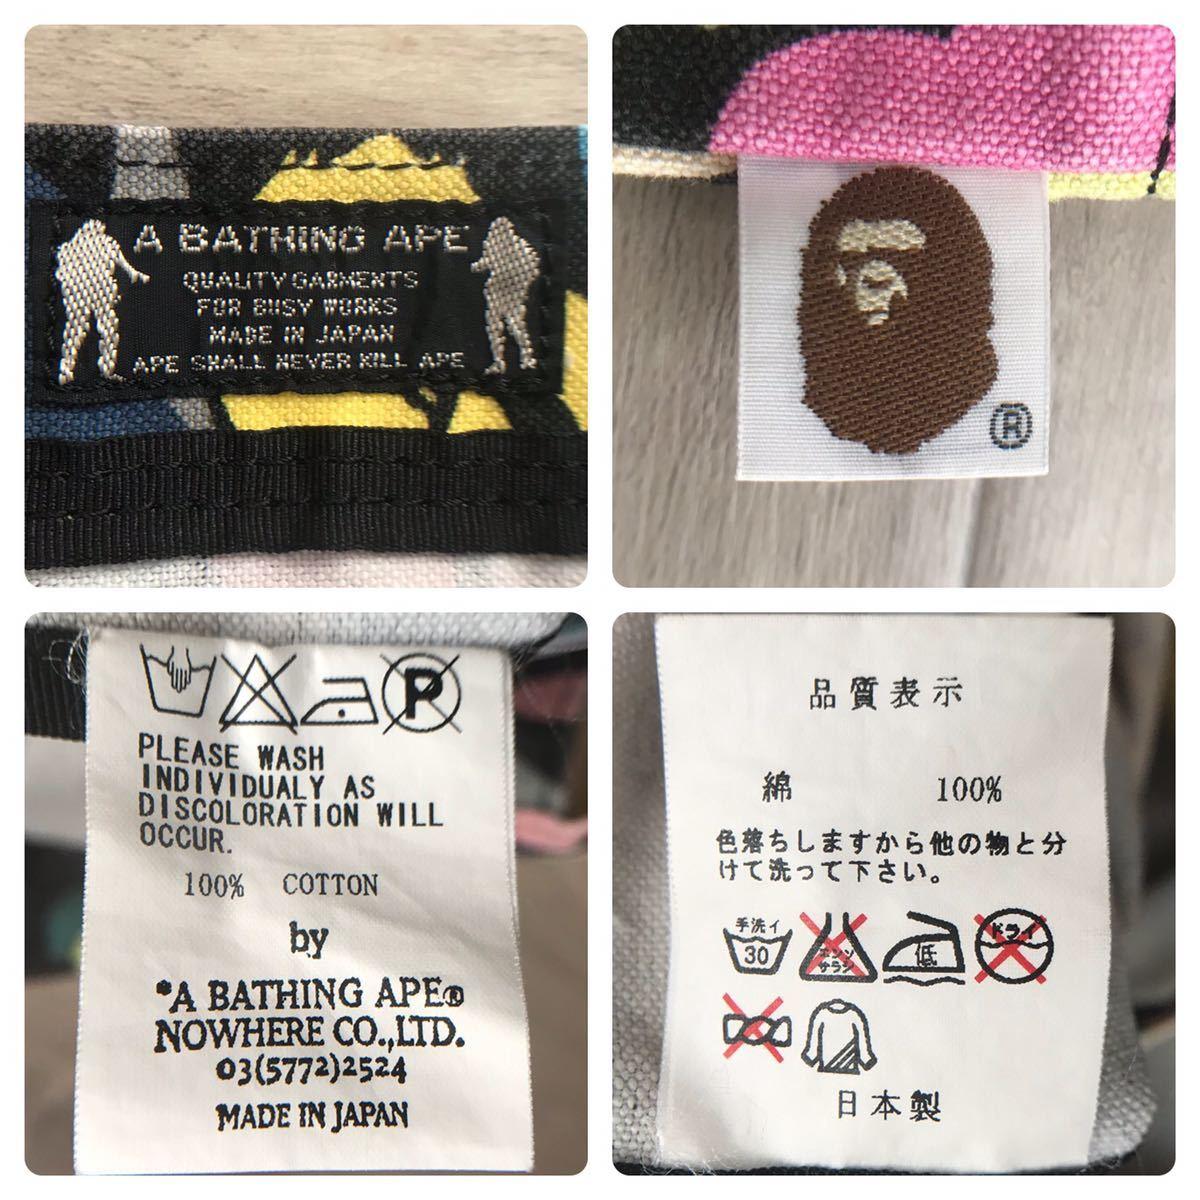 ★初期★ マルチカモ トートバッグ a bathing ape BAPE multi camo tote bag vintage エイプ ベイプ アベイシングエイプ nigo 3209